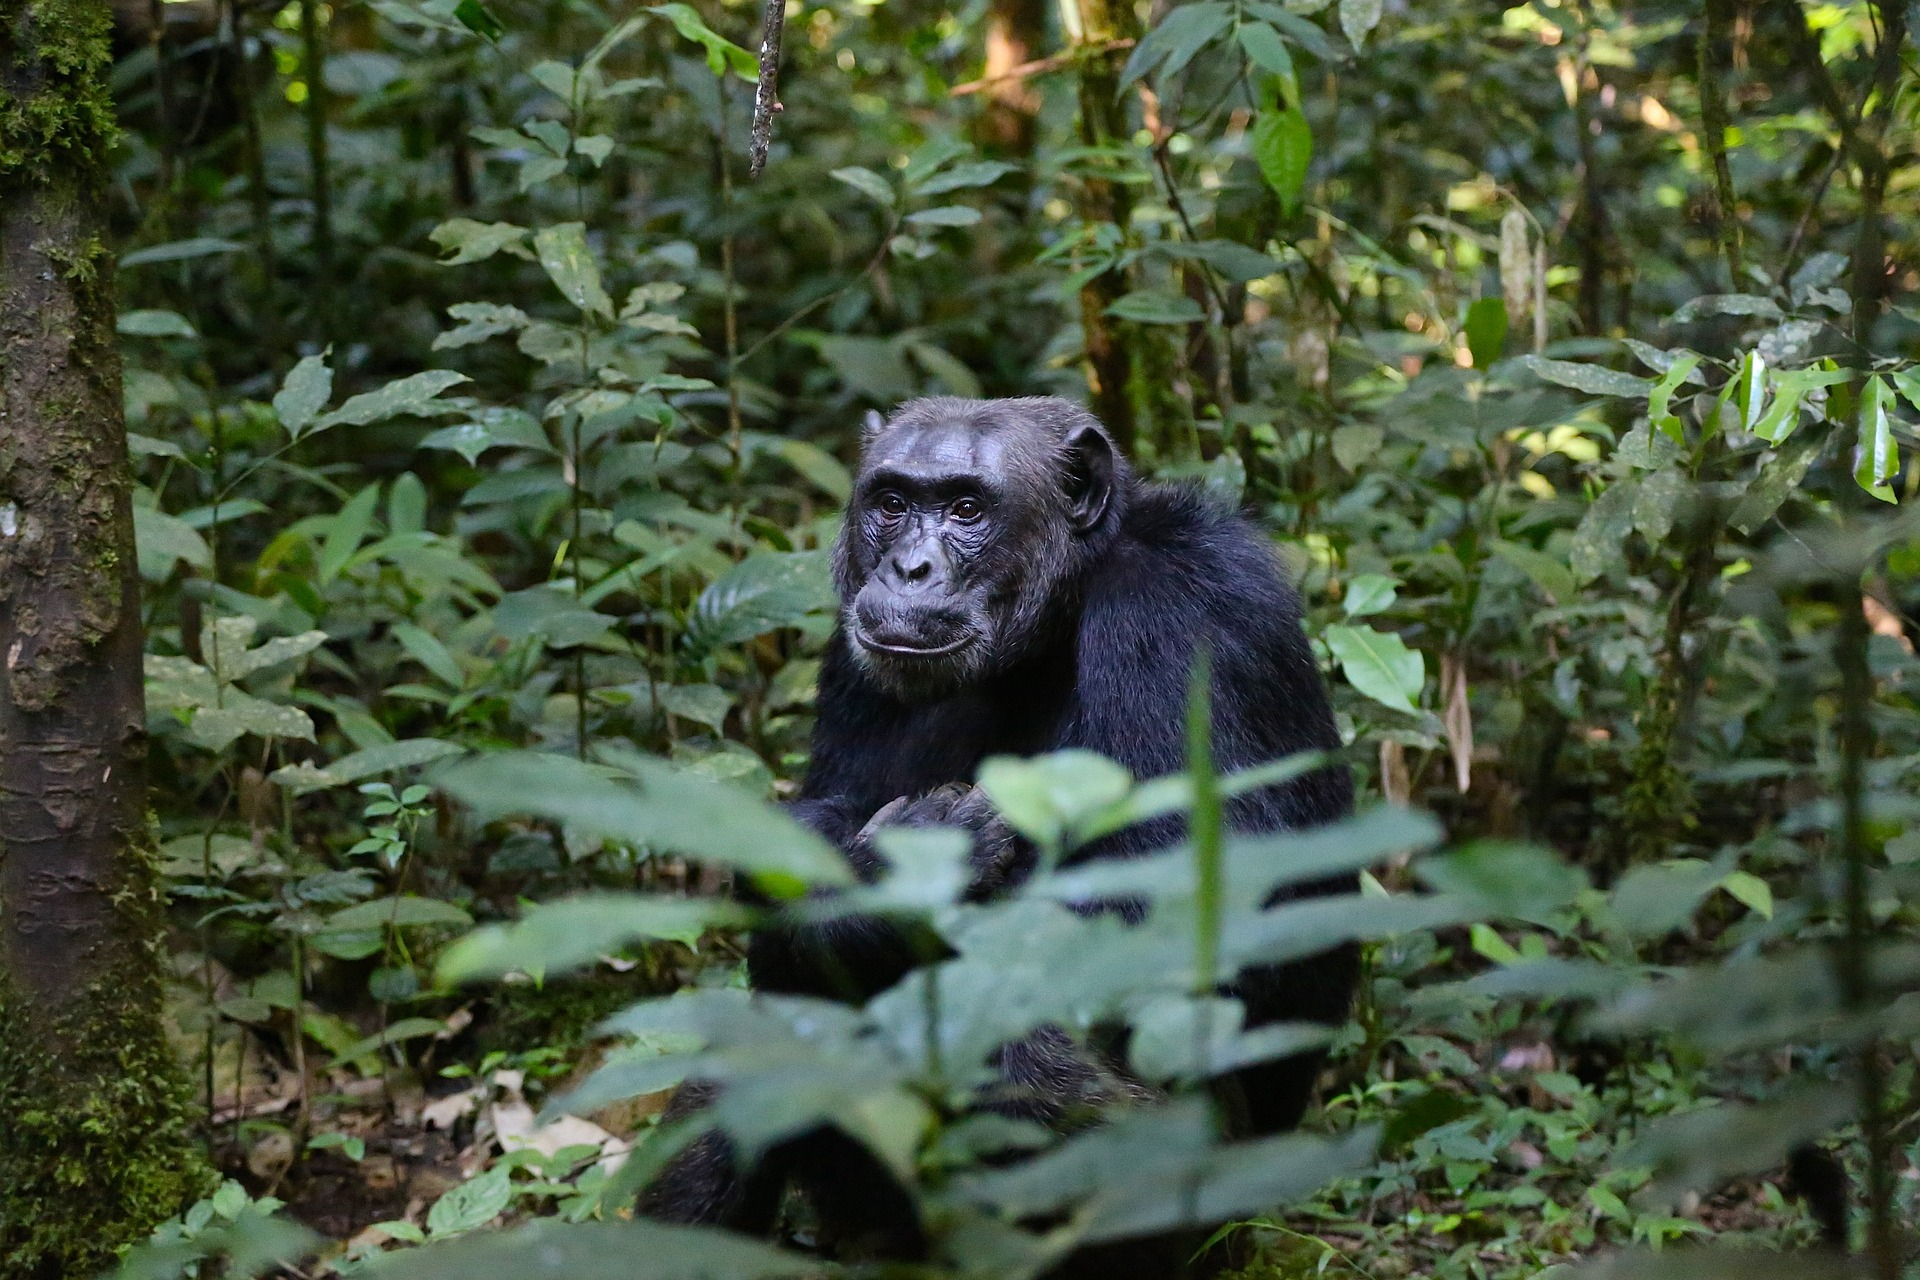 chimpanzee-898756_1920.jpg